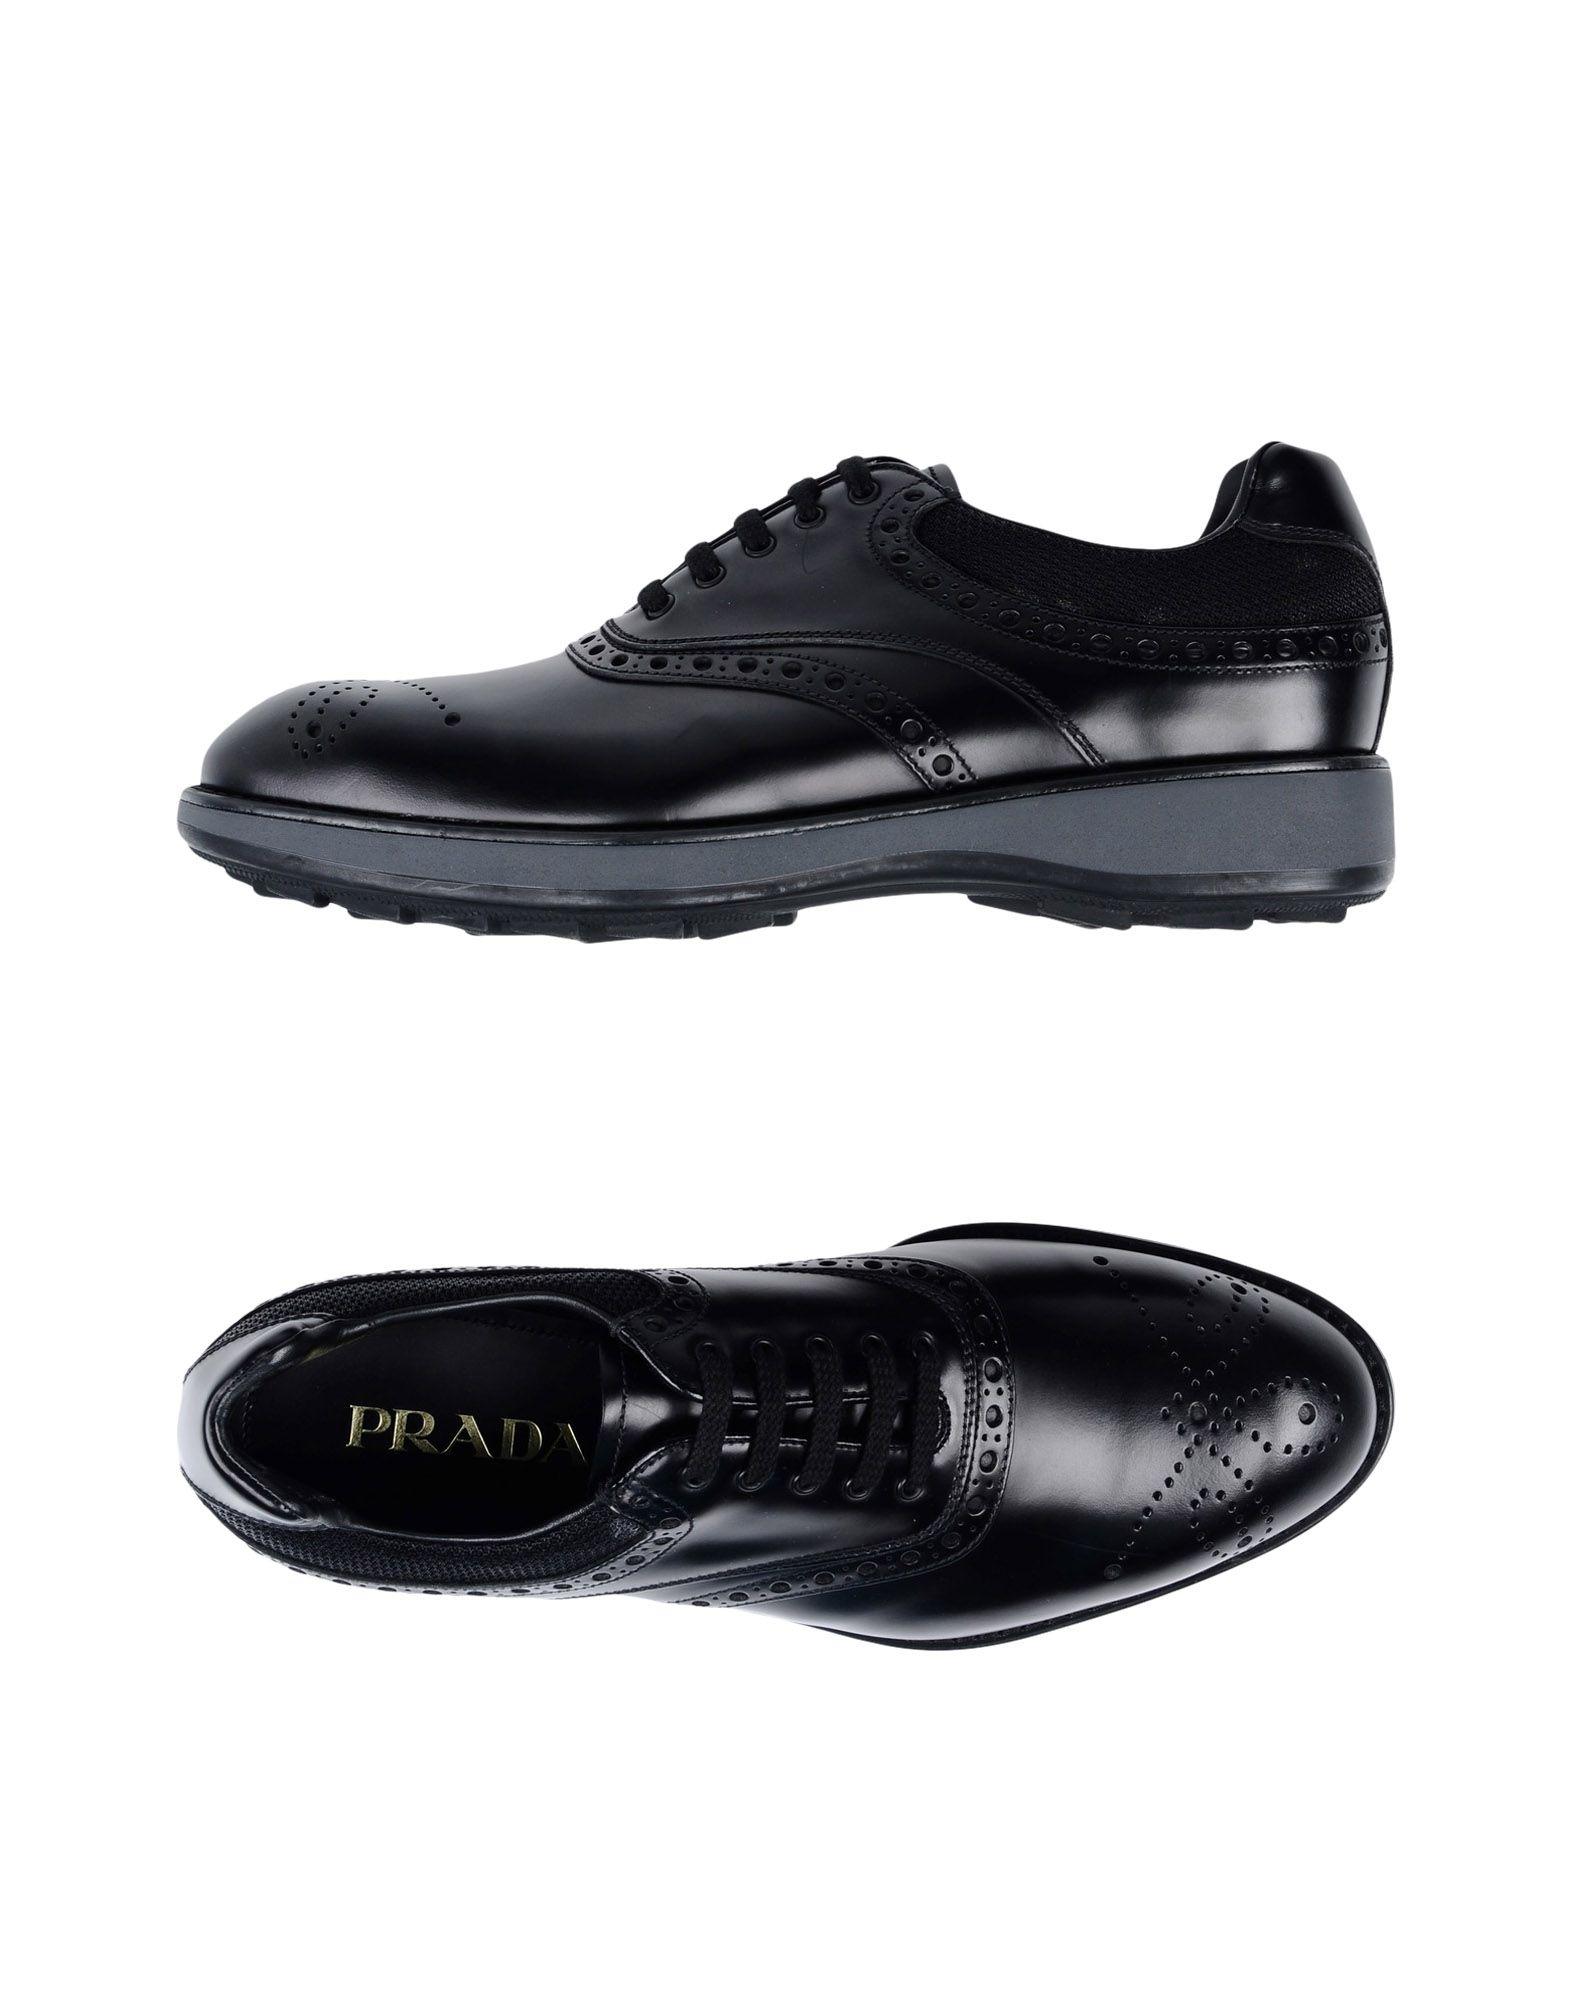 Prada Schnürschuhe Herren  11466125WP Gute Qualität beliebte Schuhe